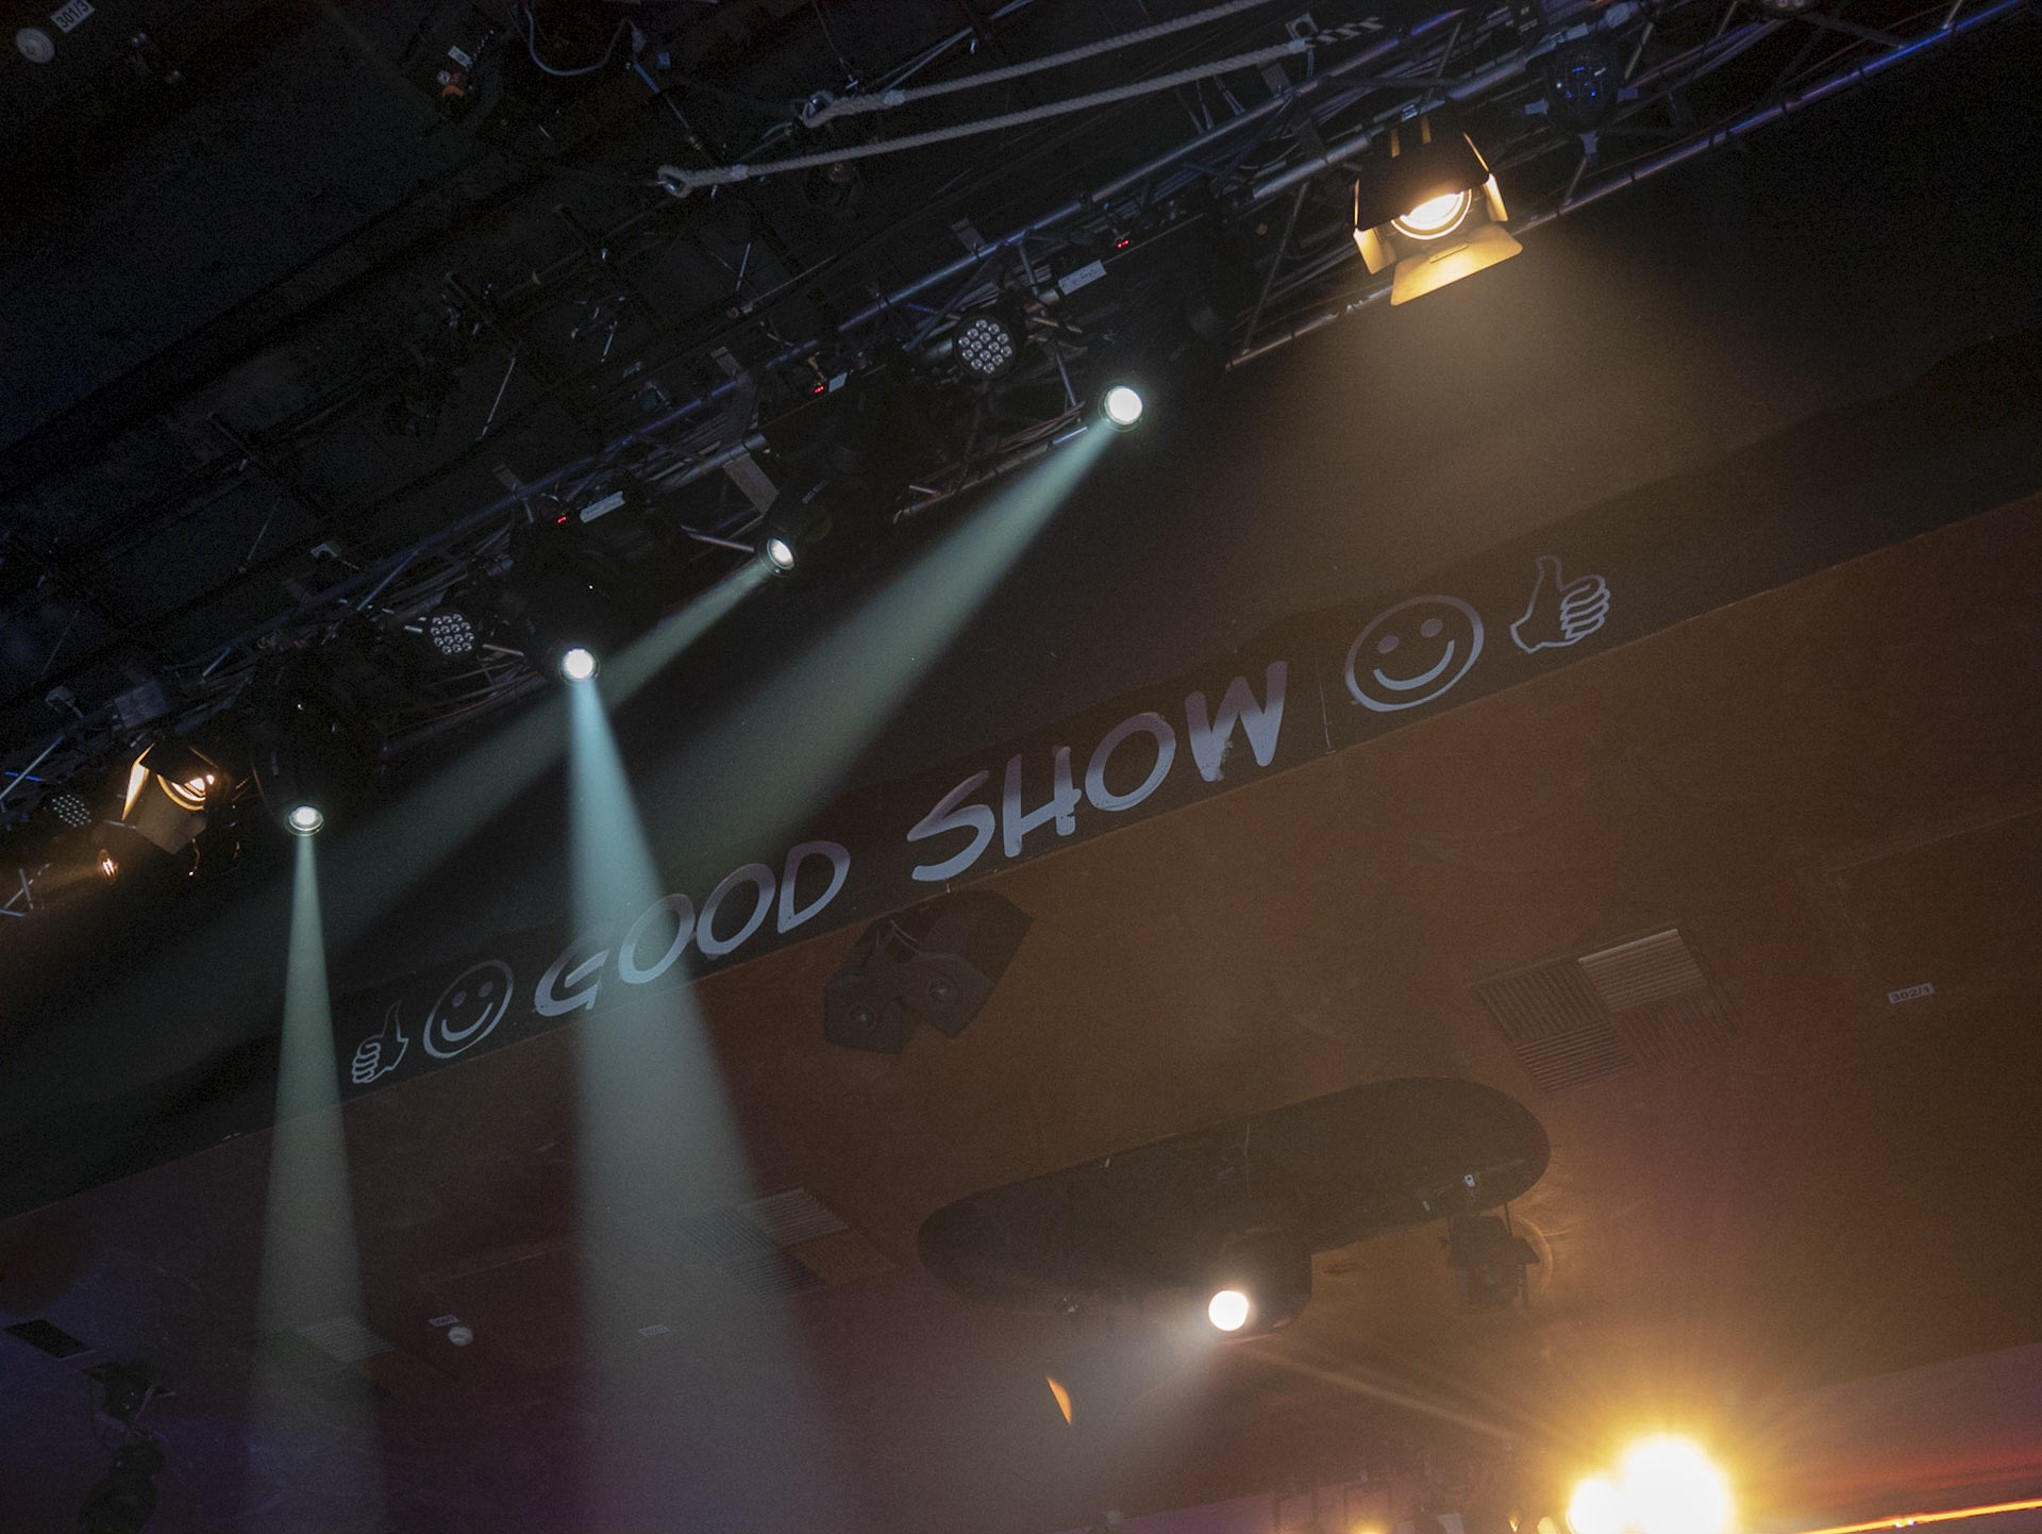 Sieht man nur, wenn man auf der Bühne steht: good show!